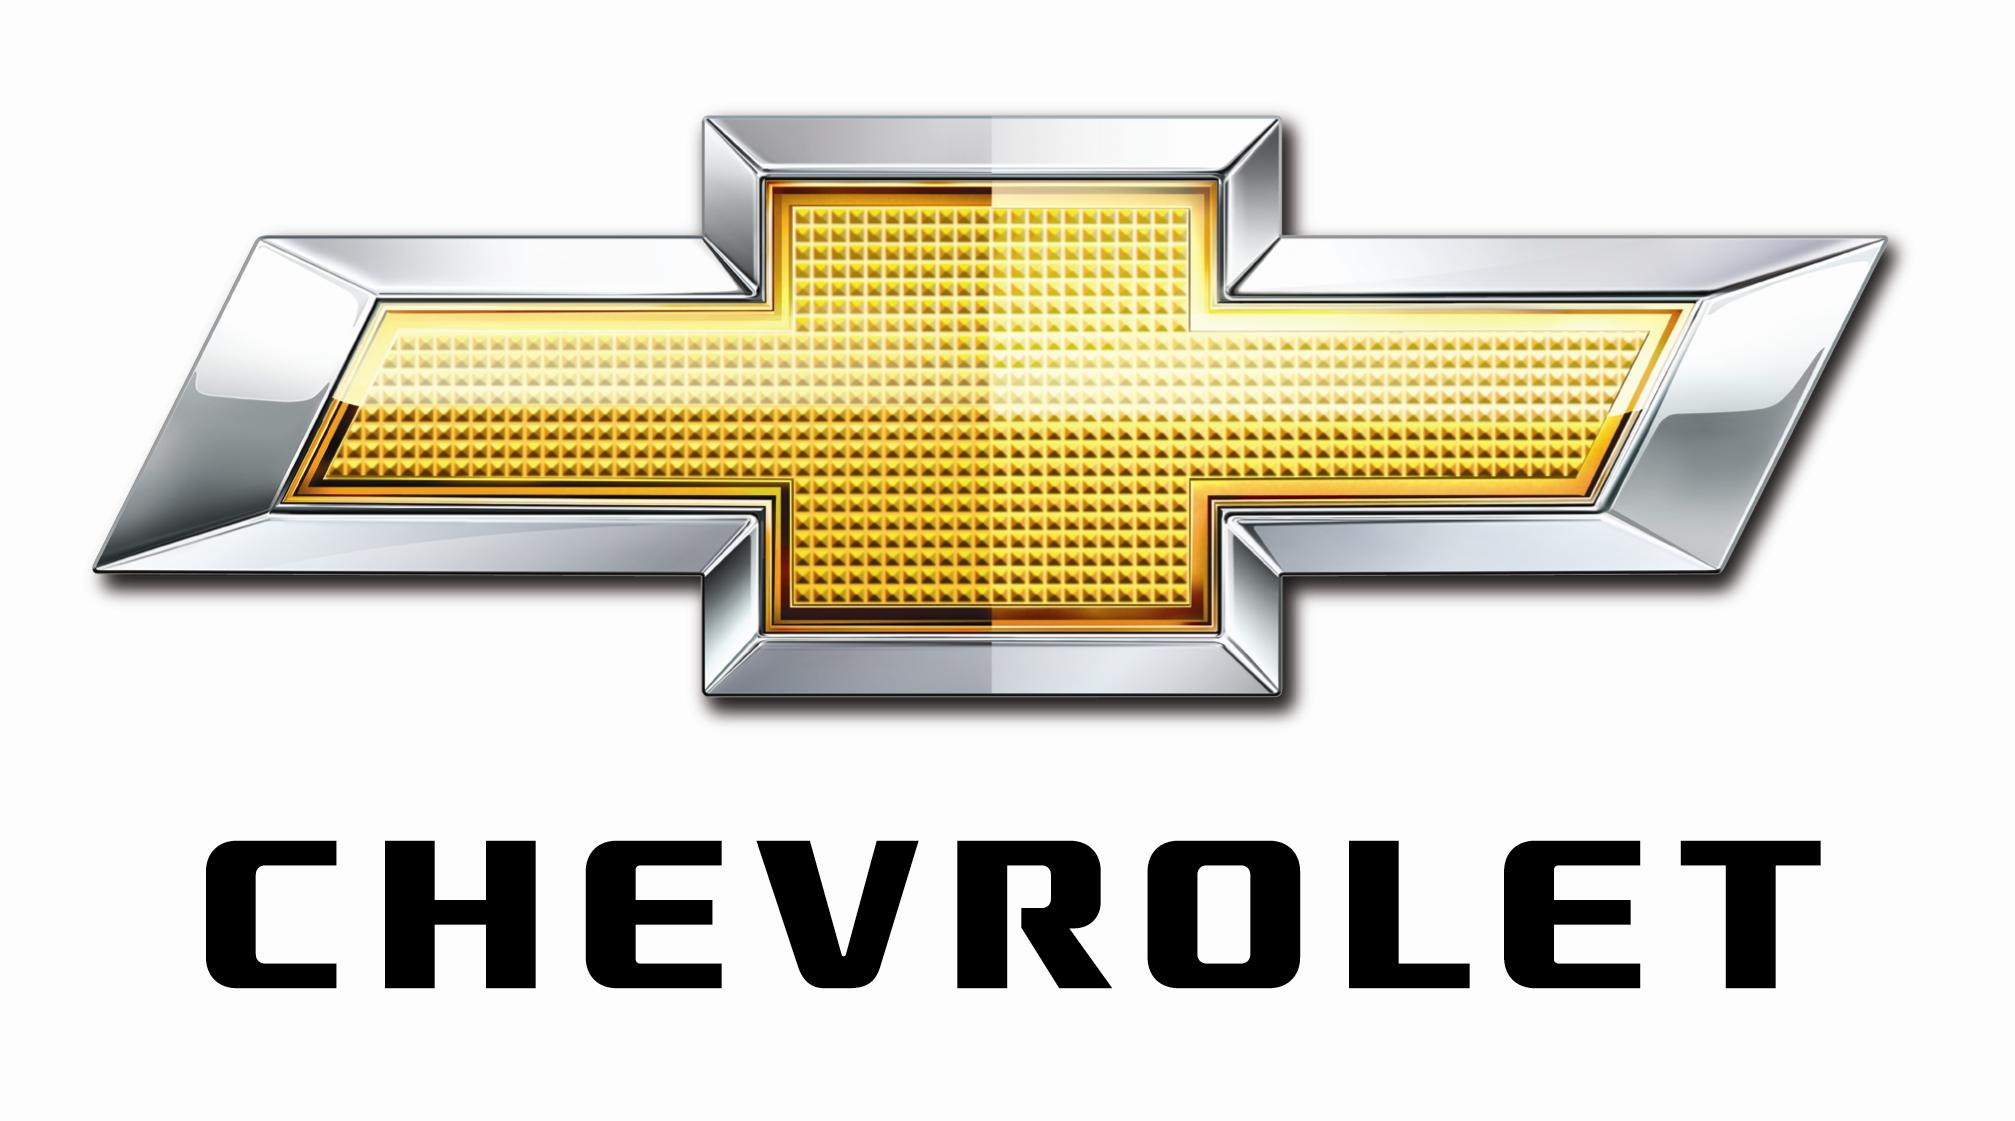 Chevrolet logo 5 - Chevrolet Logo